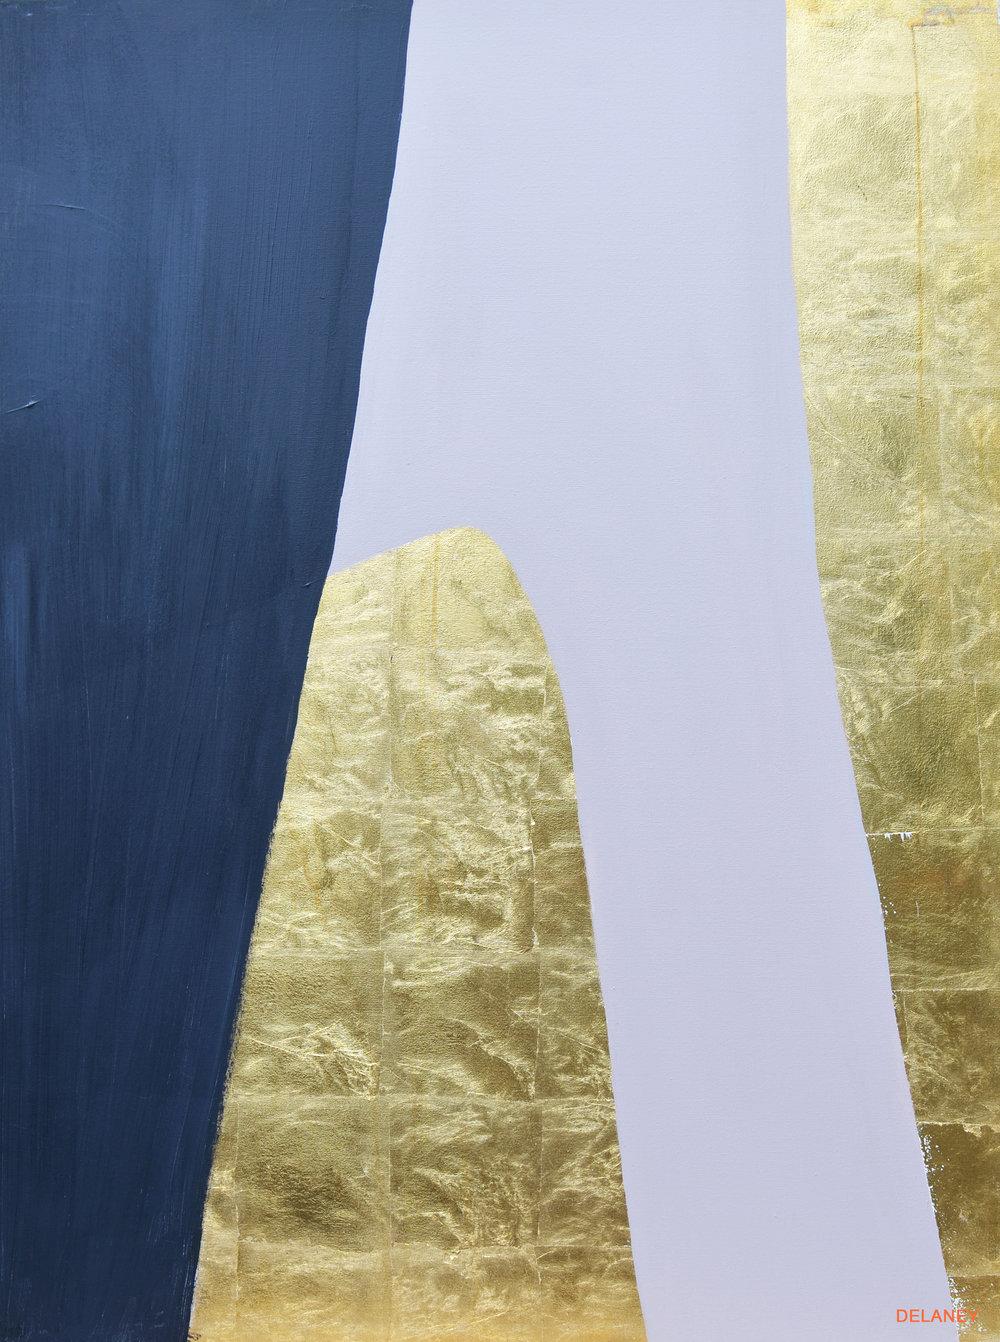 Grey Triptych #3  Gold leaf and acrylic on canvas (122x91cm)  £1,700